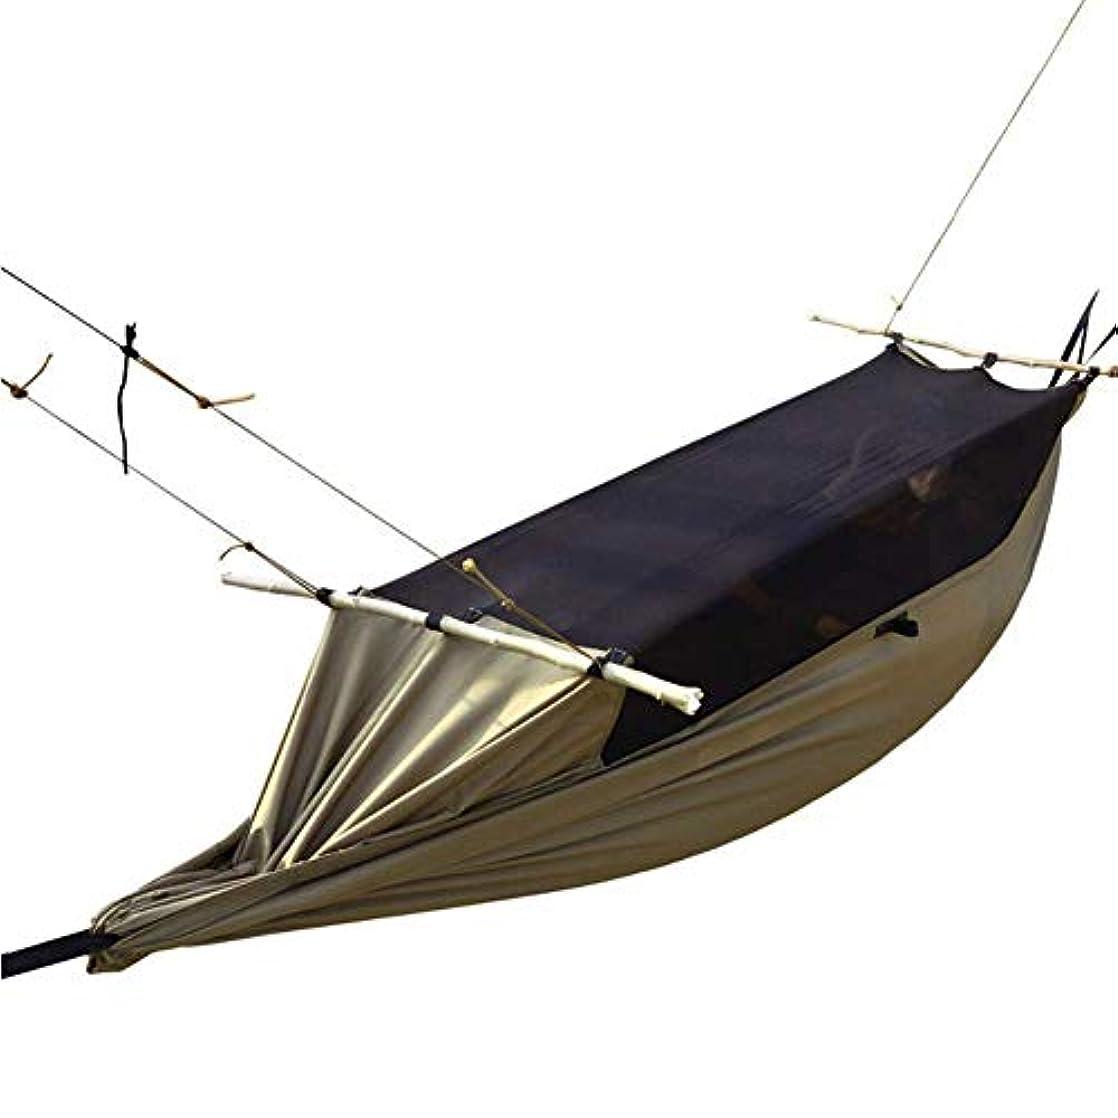 オペラ決定的スマート蚊帳付きキャンプハンモック、虫よけネットが付いている携帯用二重/単一ハンモック、屋外のバックパッキングのための木の革紐及びカラビナ、旅行